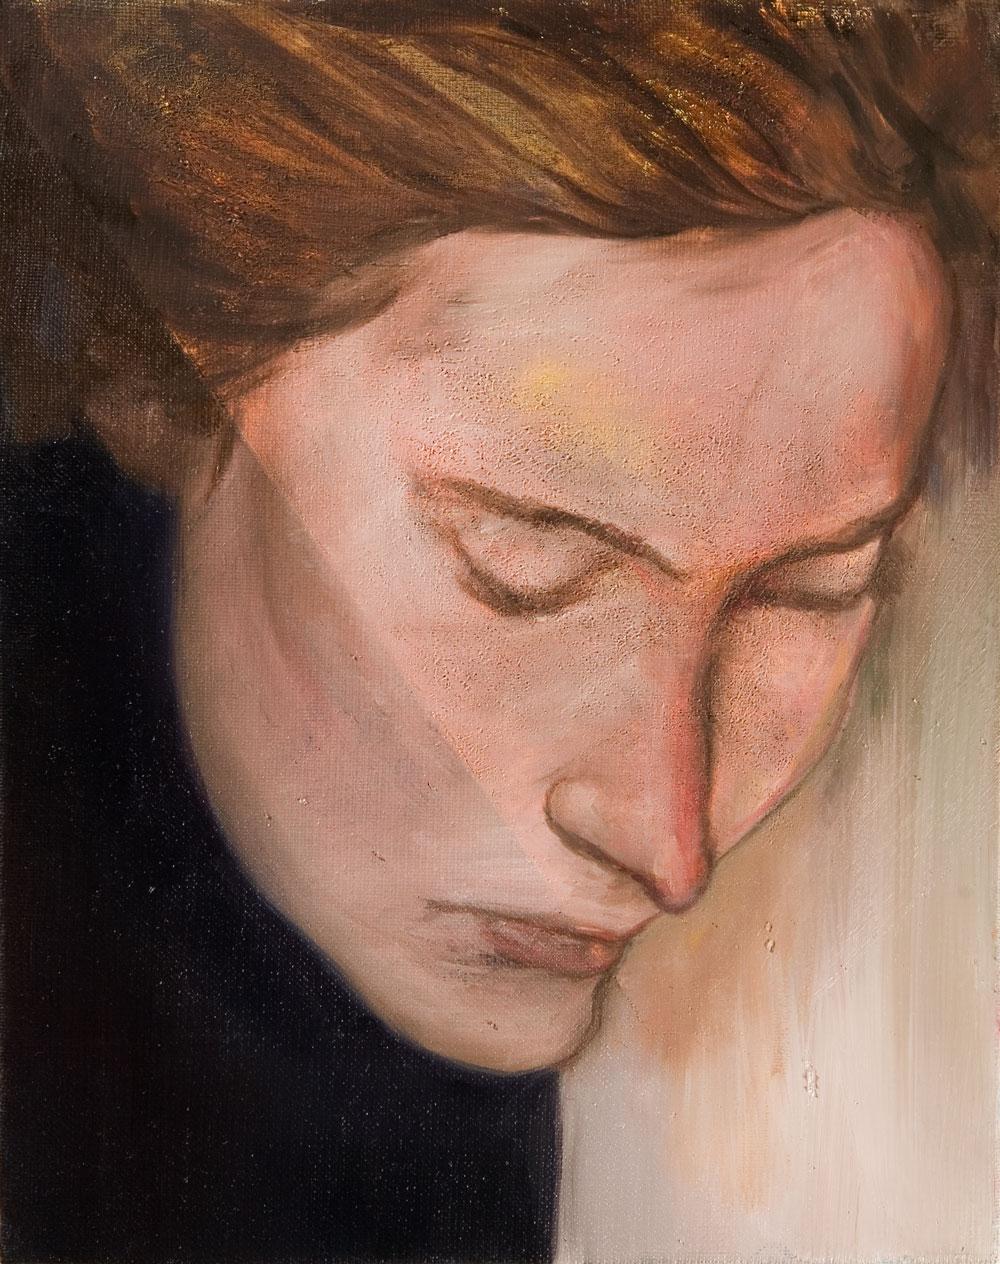 Der Kpf einer jungen Frau mit geschlossenen Augen